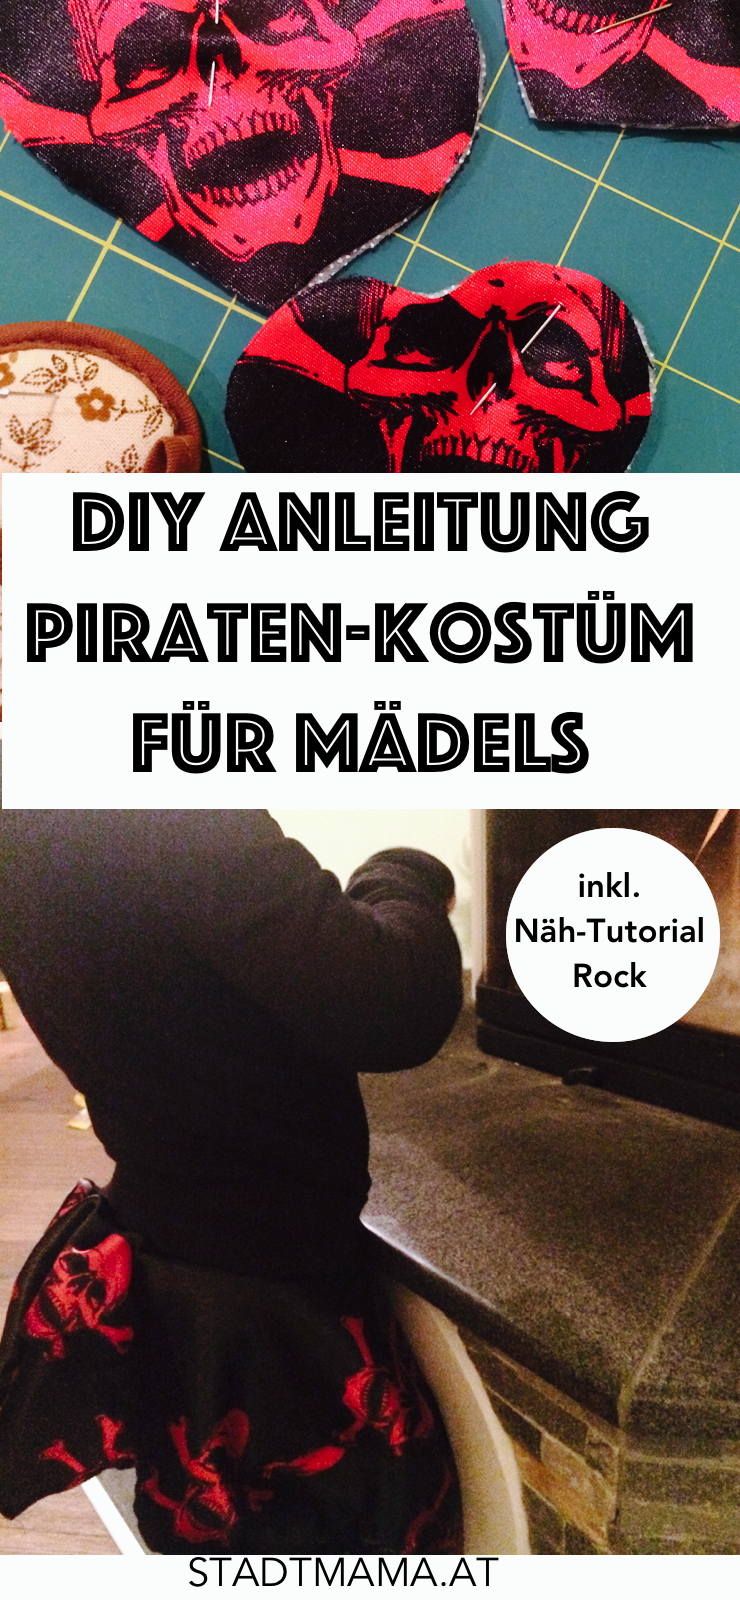 DIY Anleitung für ein Piratenkostüm für Mädchen inklusive Nähanleitung für den Priatenrock (Nähen Tutorial Piratenkostüm Rock)